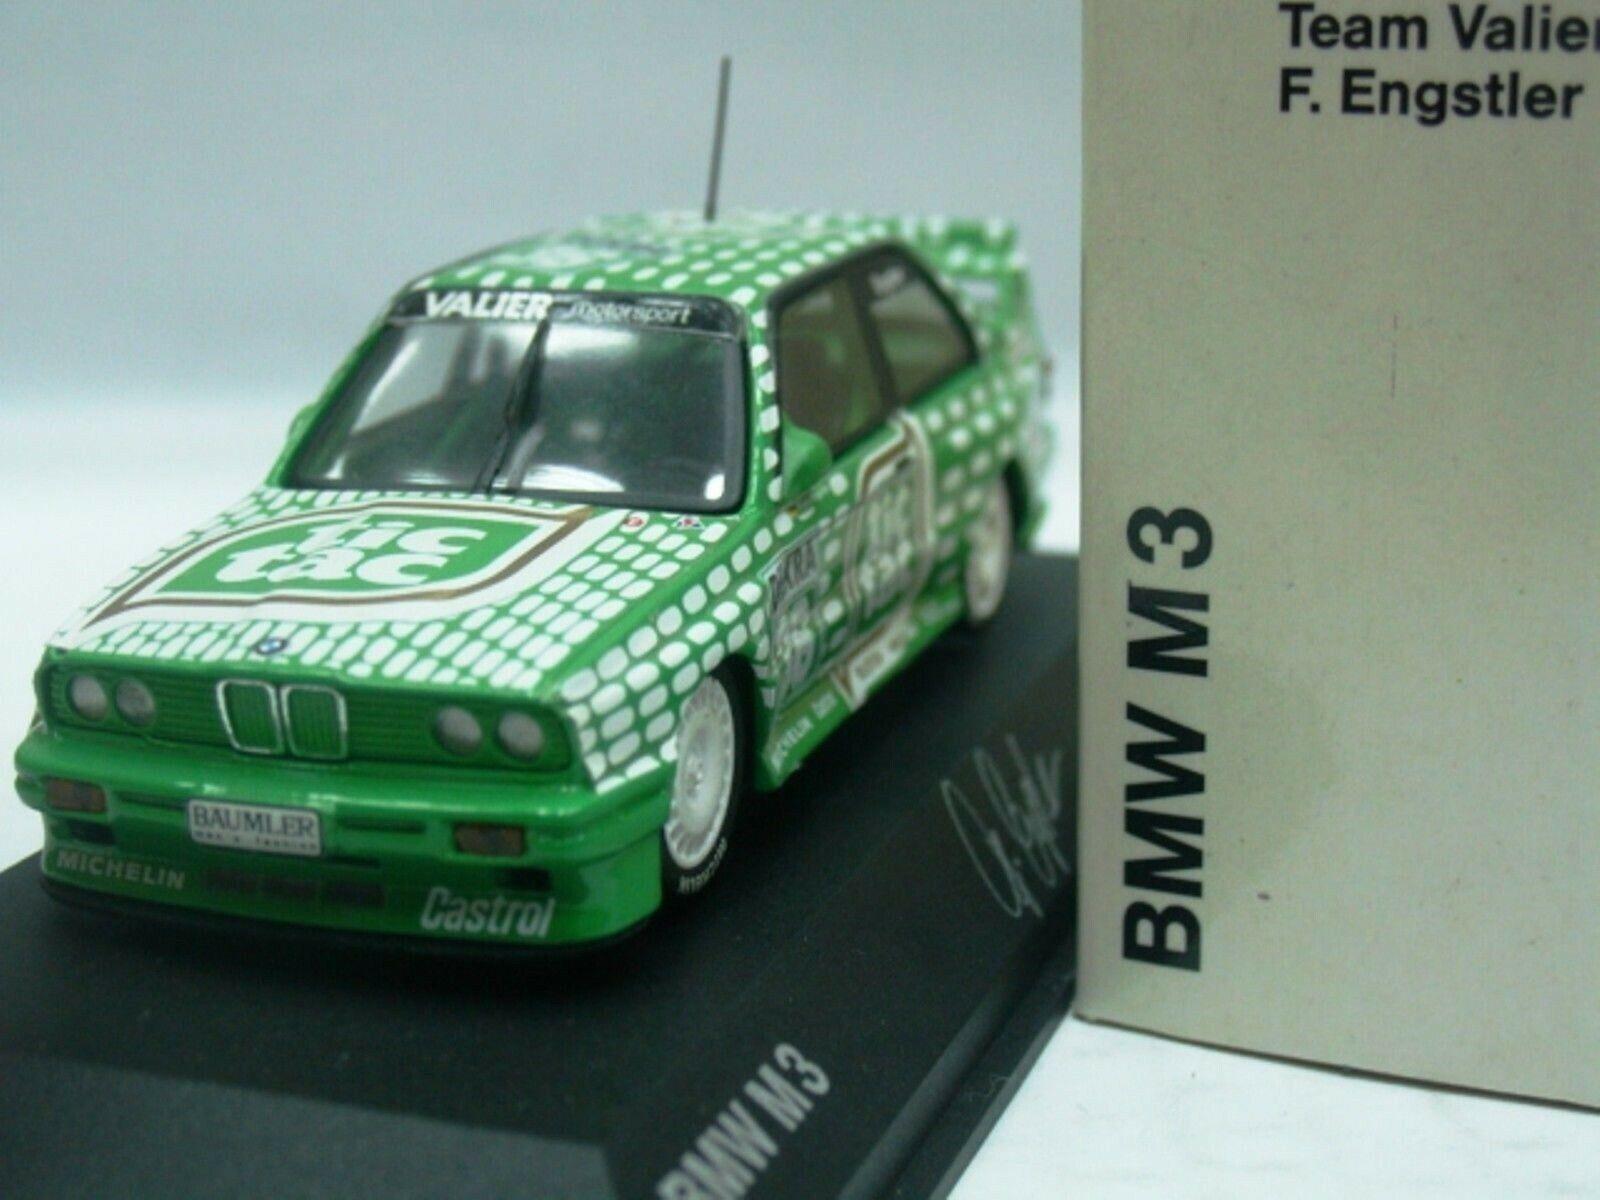 WOW EXTREMELY RARE BMW M3 E30 SE DTM 1992 Engstler Last Race 1 43 Minichamps